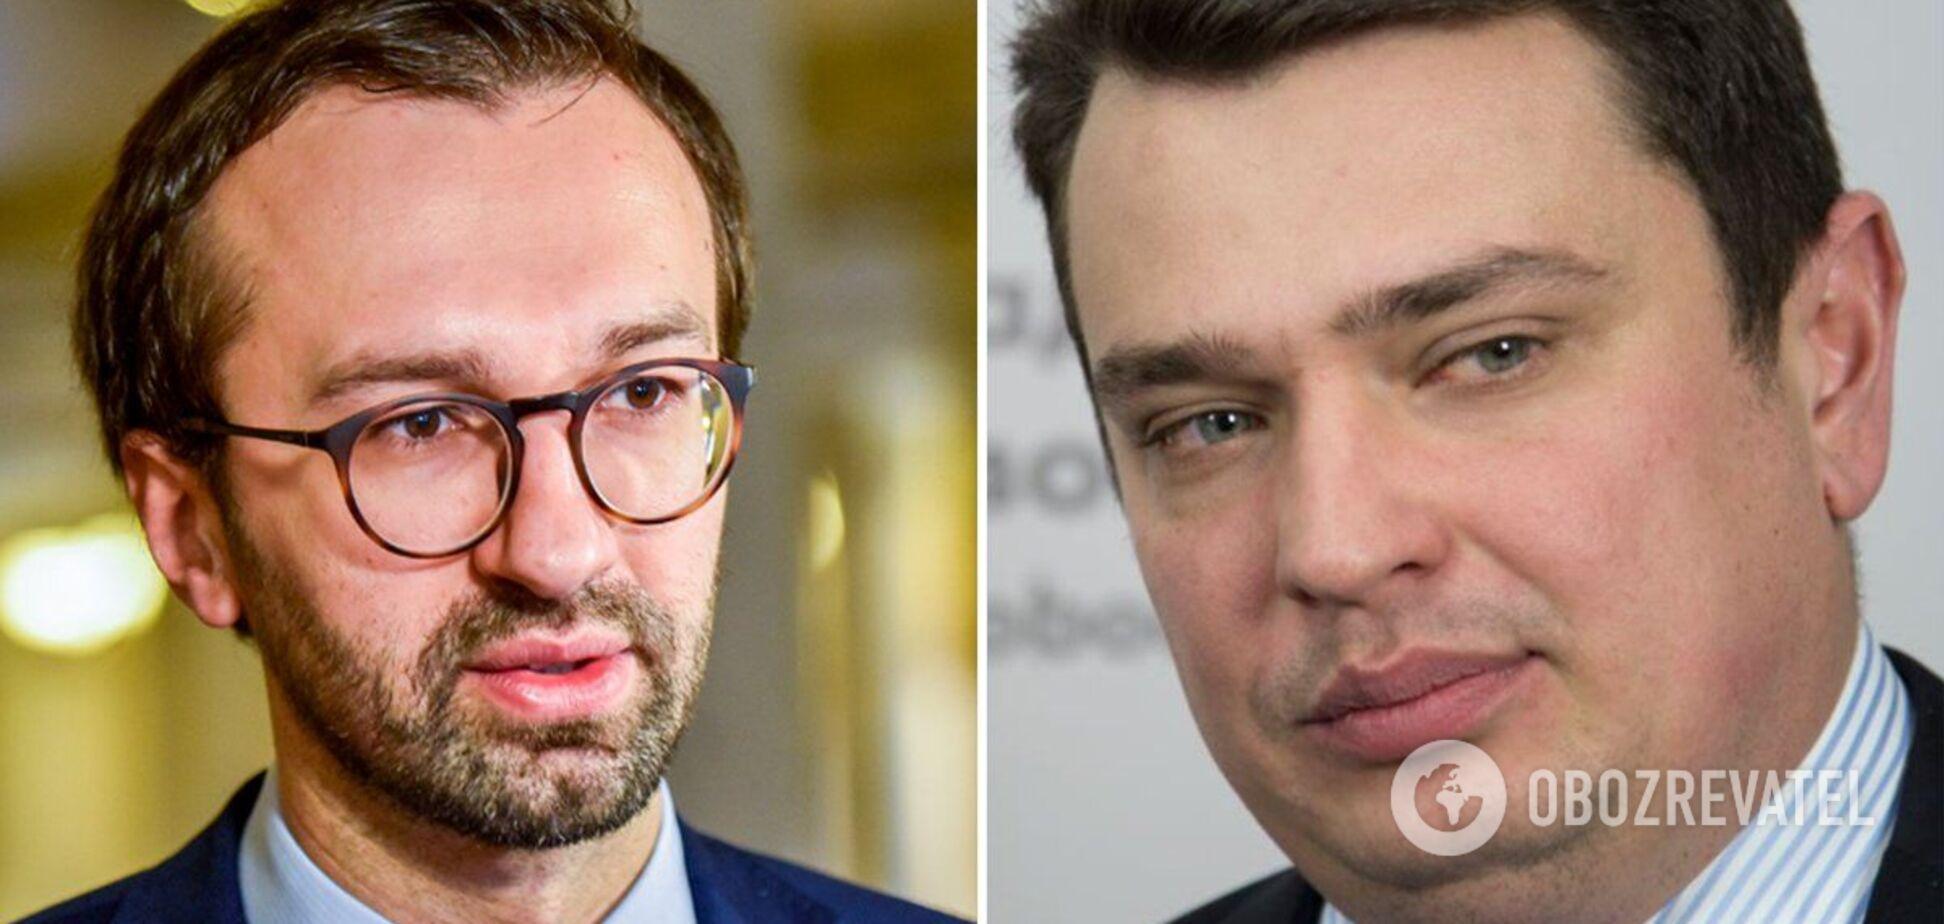 Лещенко прокомментировал ситуацию с решением КС по Сытнику